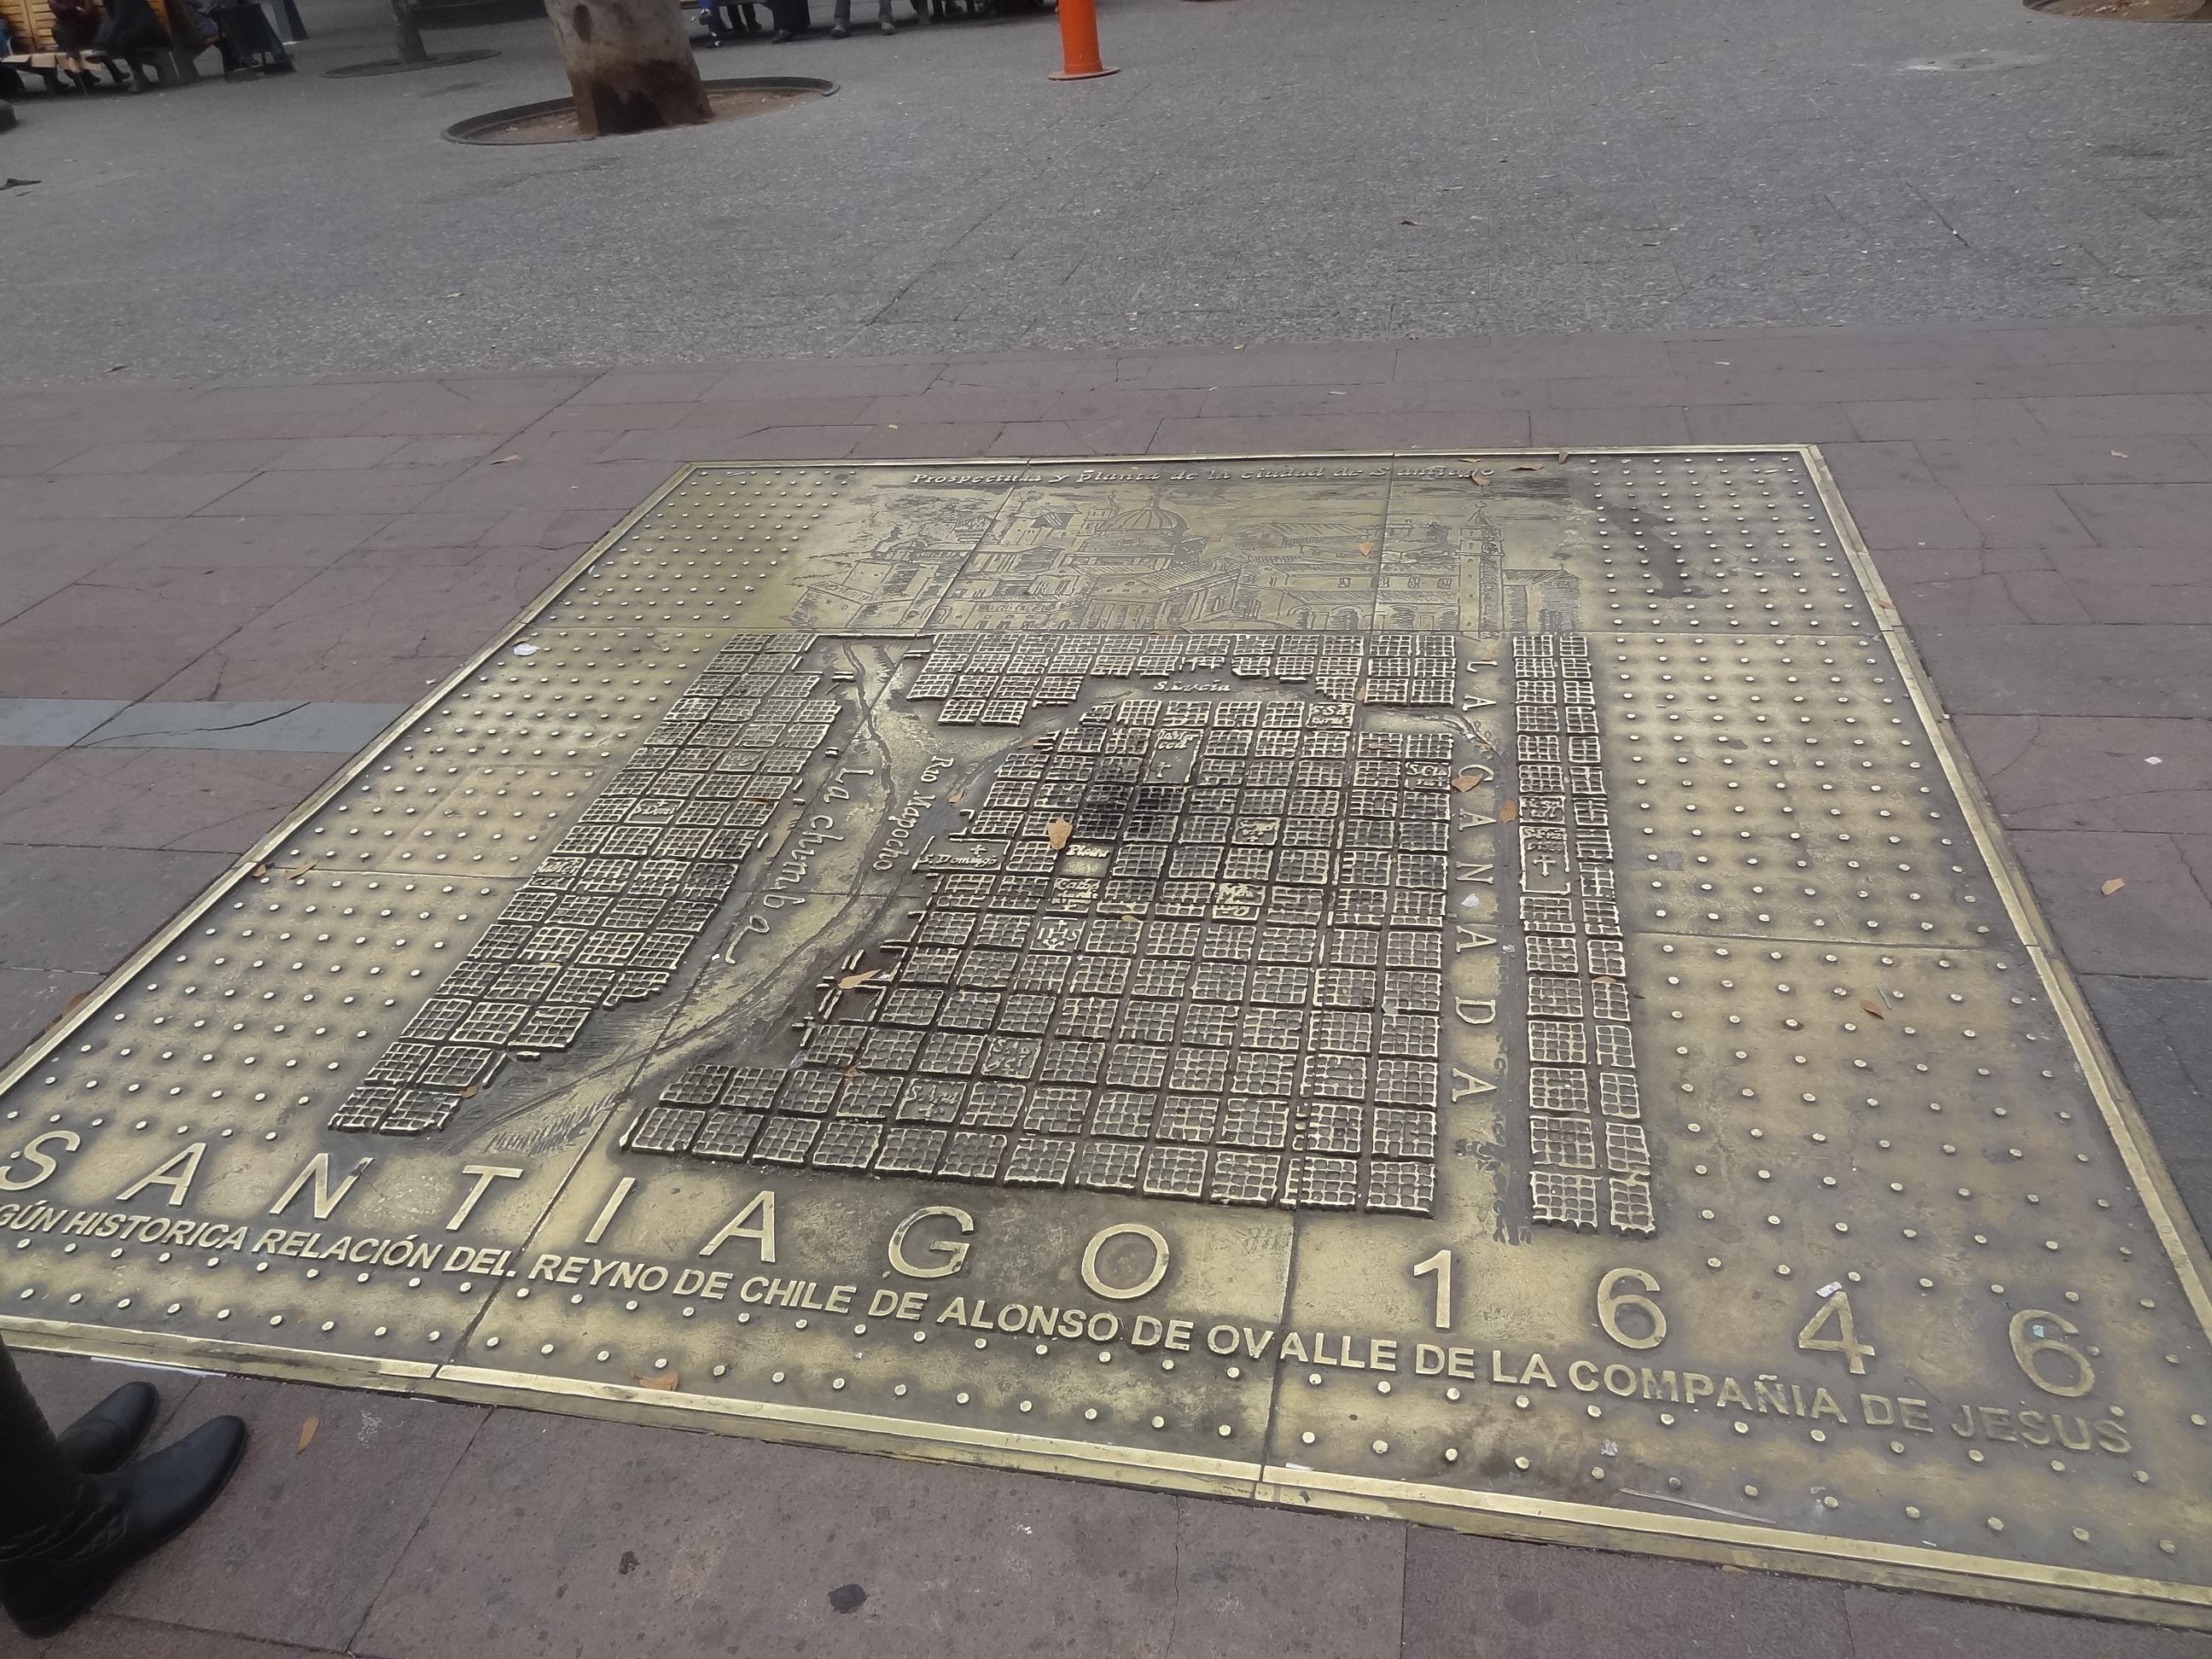 roteiro-santiago-7-a-10-dias-mapa-chile-antigo Roteiro Santiago 7 a 10 dias (Completíssimo)